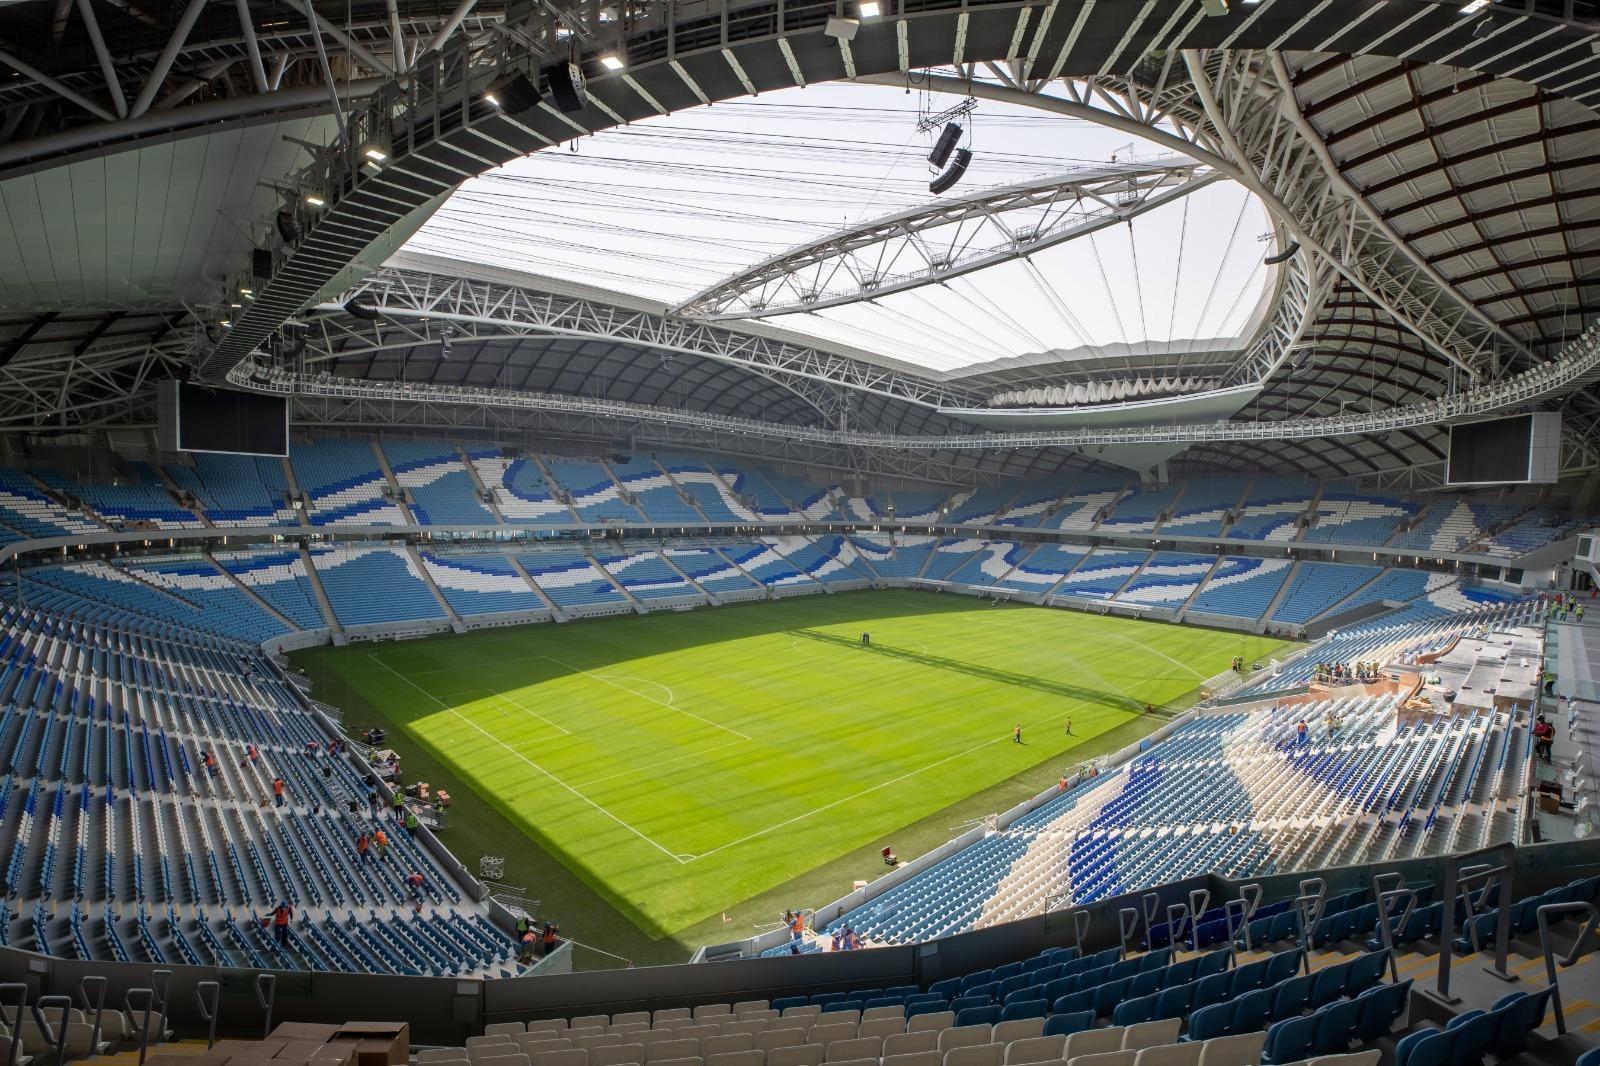 ثلاثة ملاعب مونديالية تحتضن نهائيات دوري أبطال آسيا